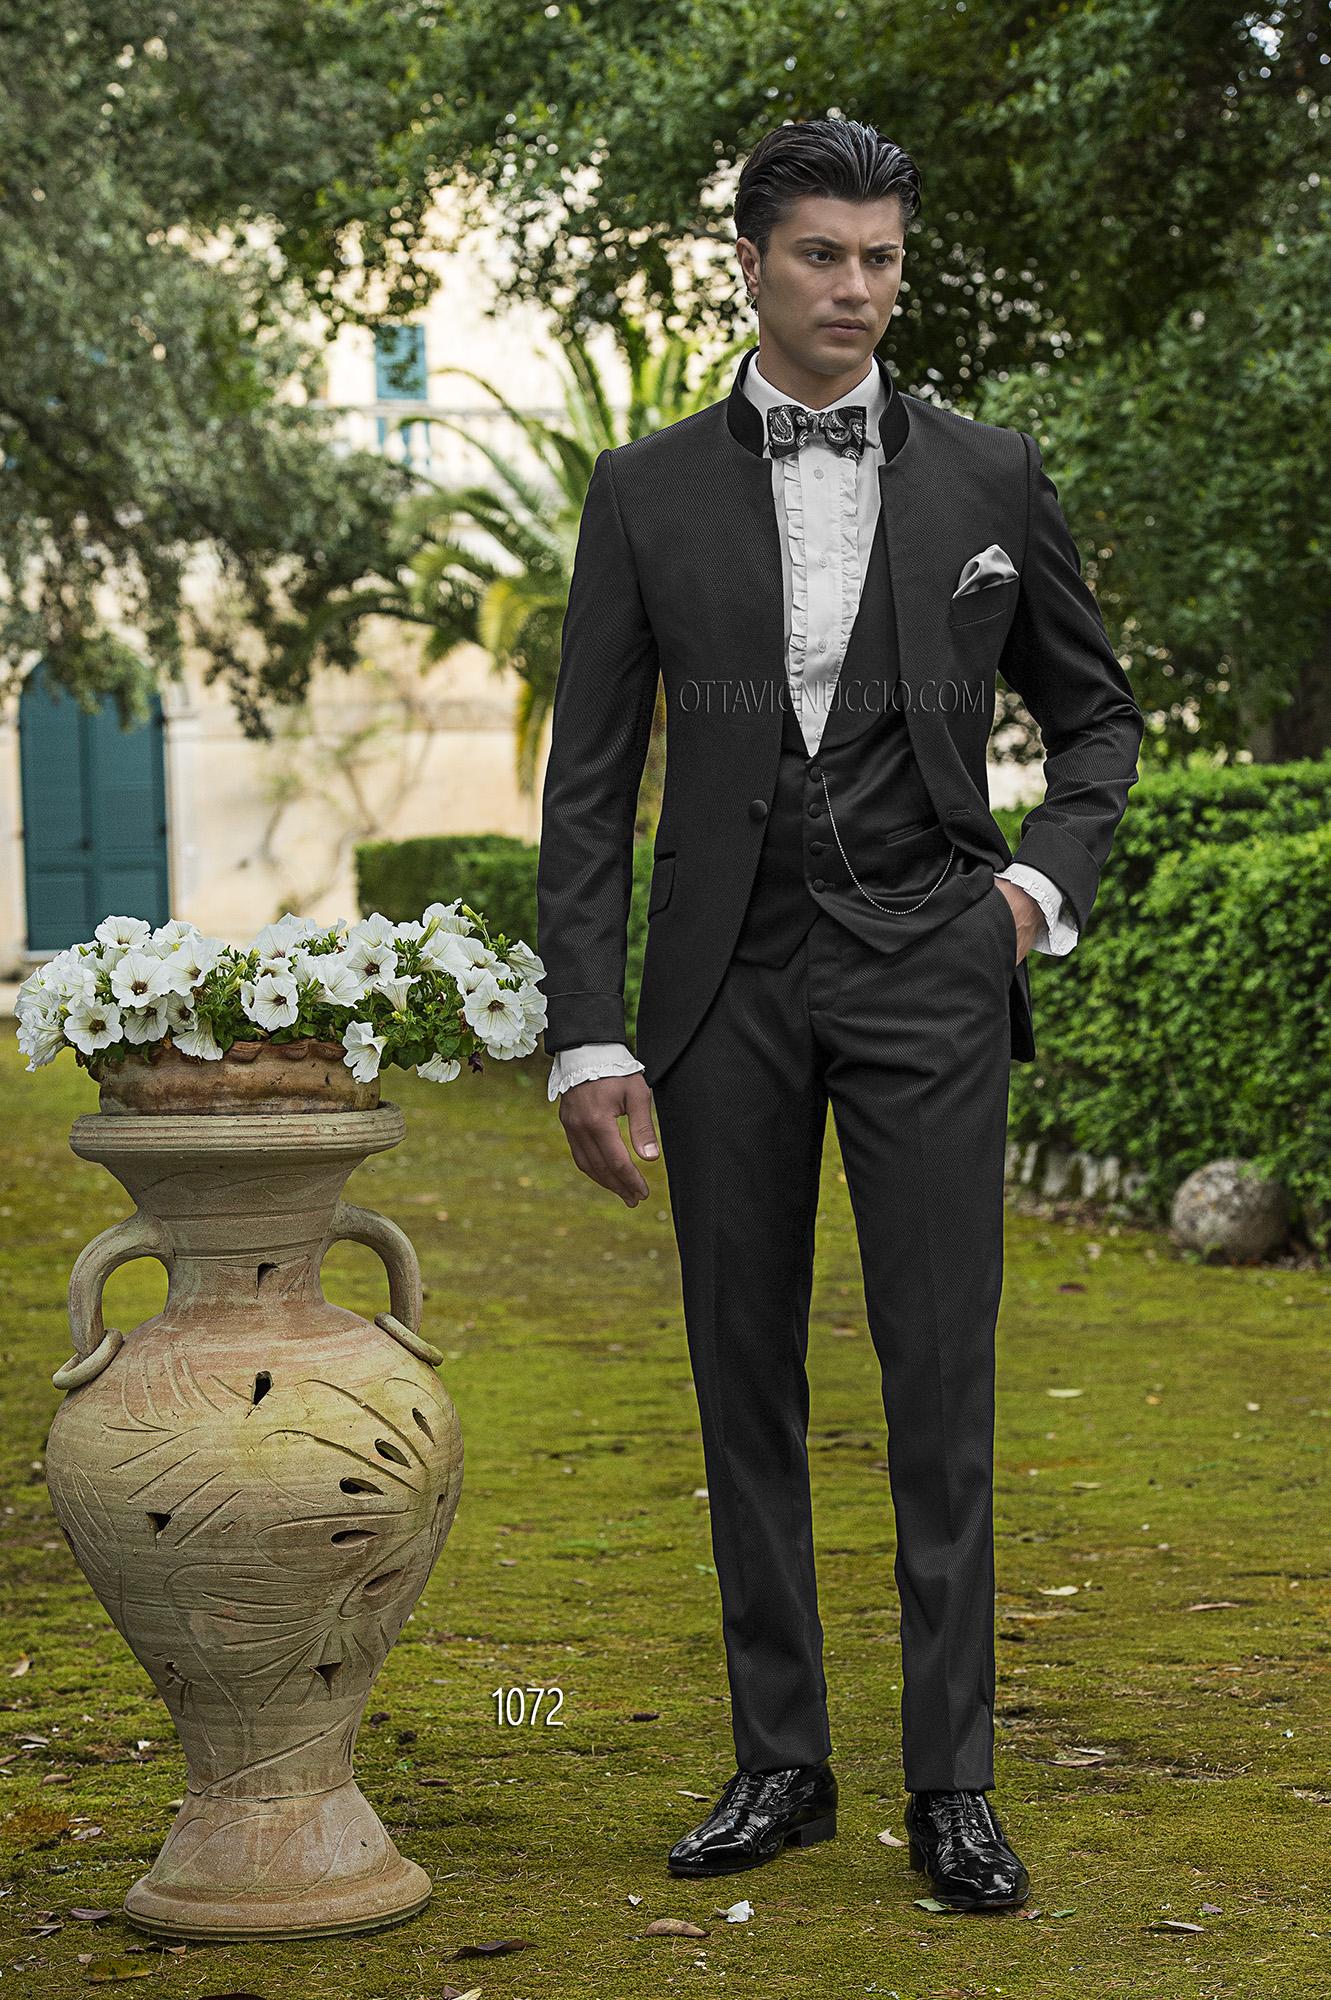 Abito Matrimonio Uomo Usato : Abito nero uomo al matrimonio i vestiti sono popolari in